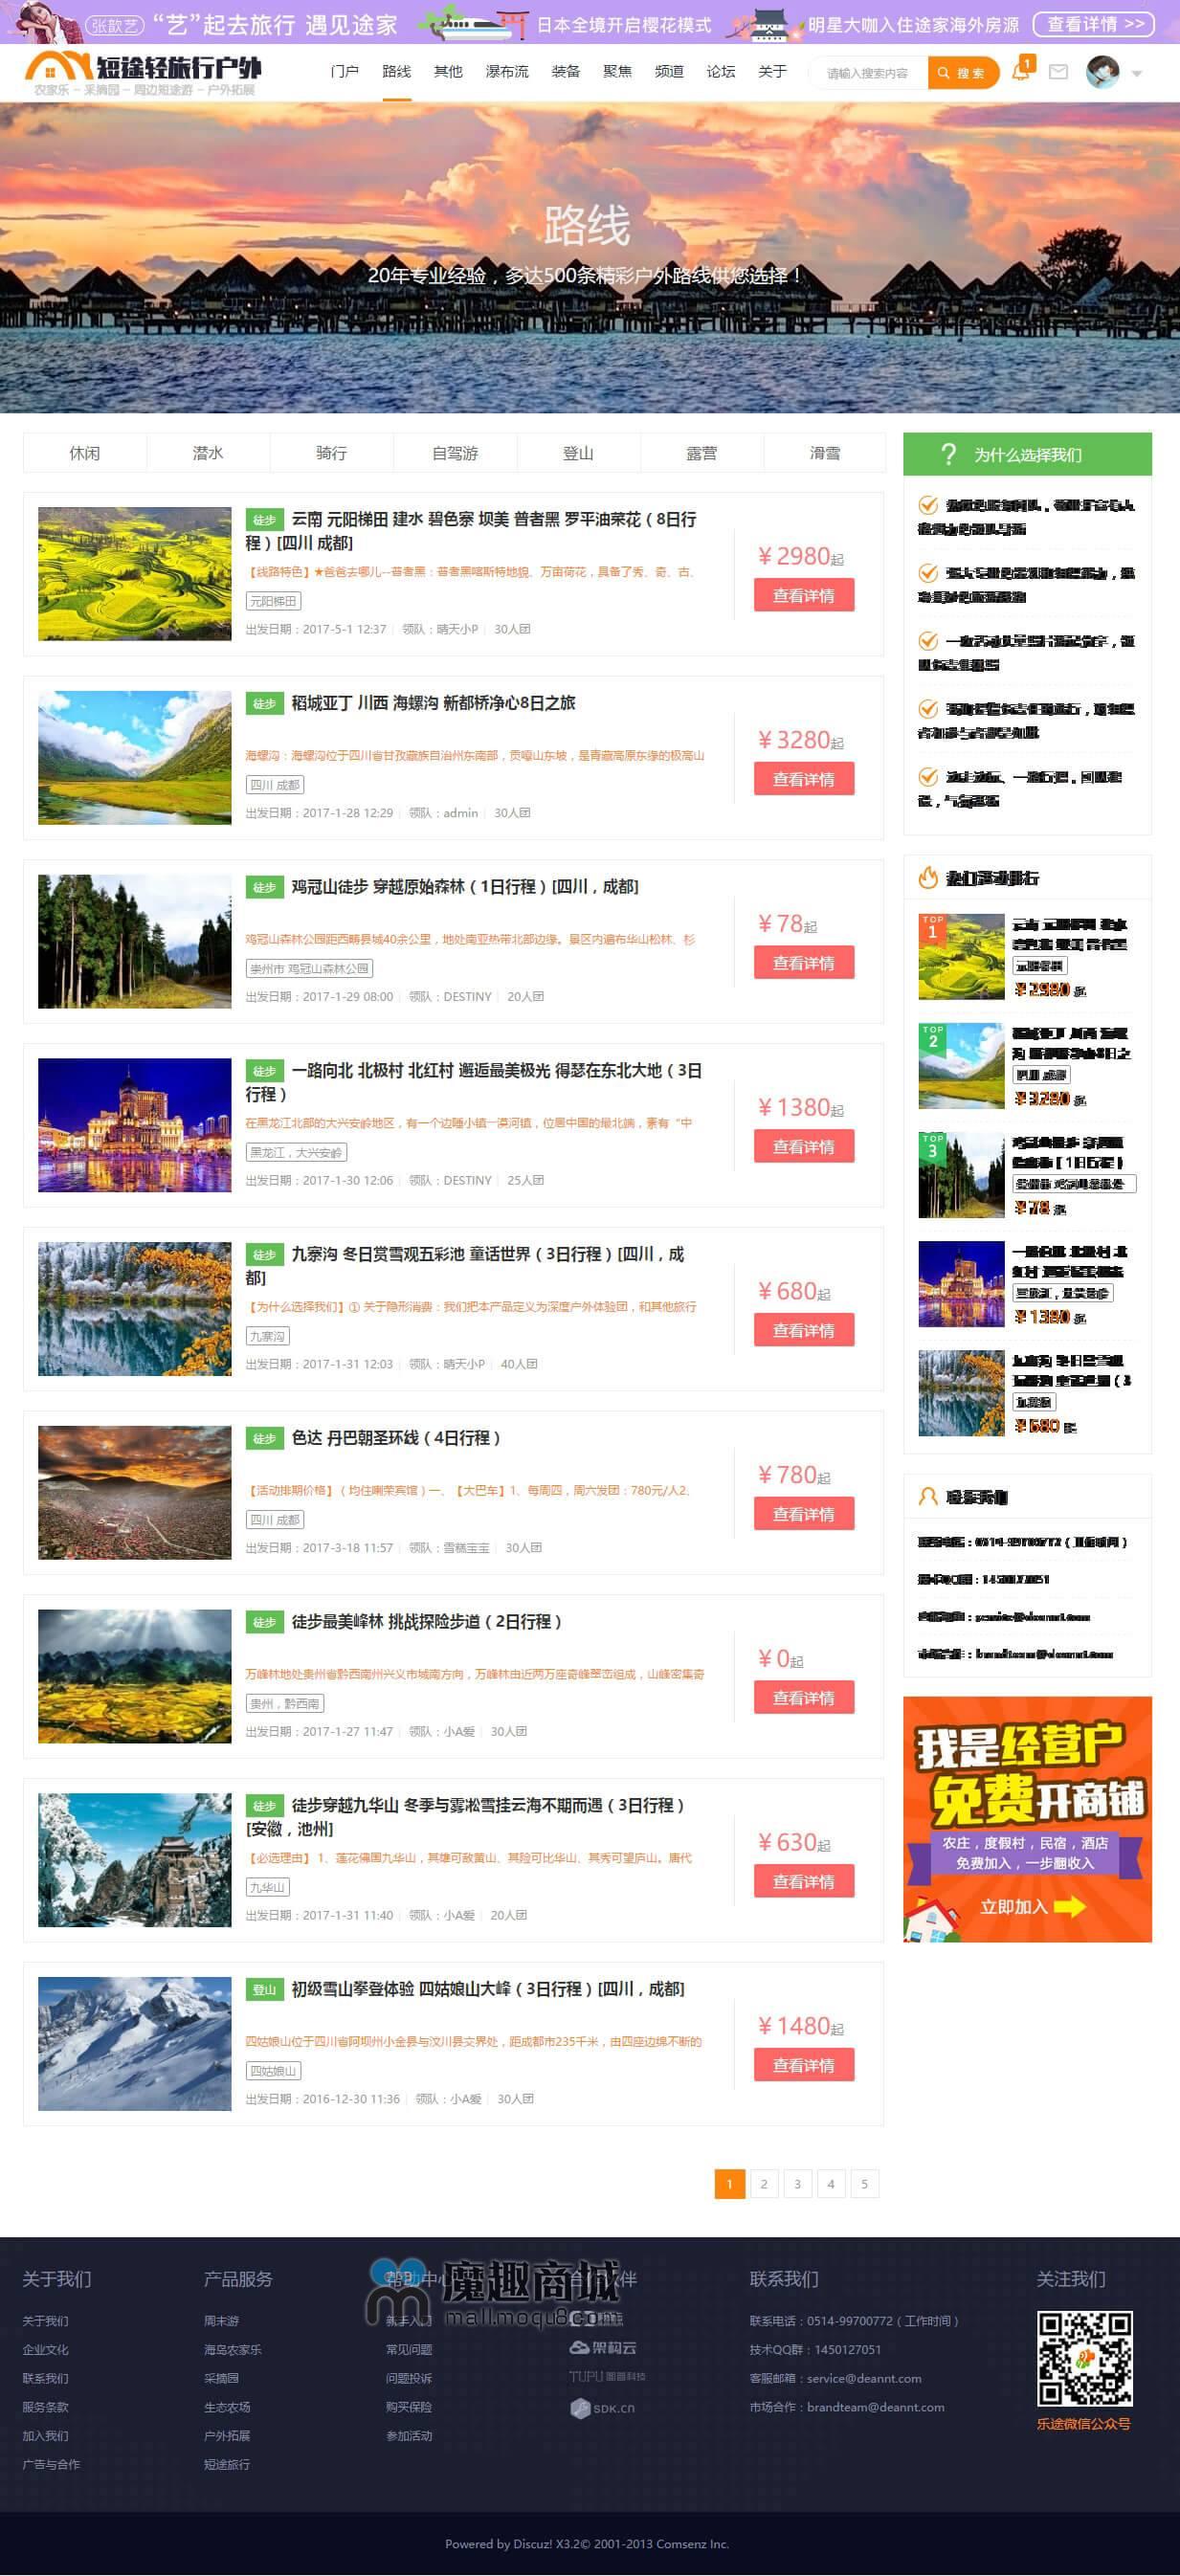 短途轻旅行/户外旅游门户模版